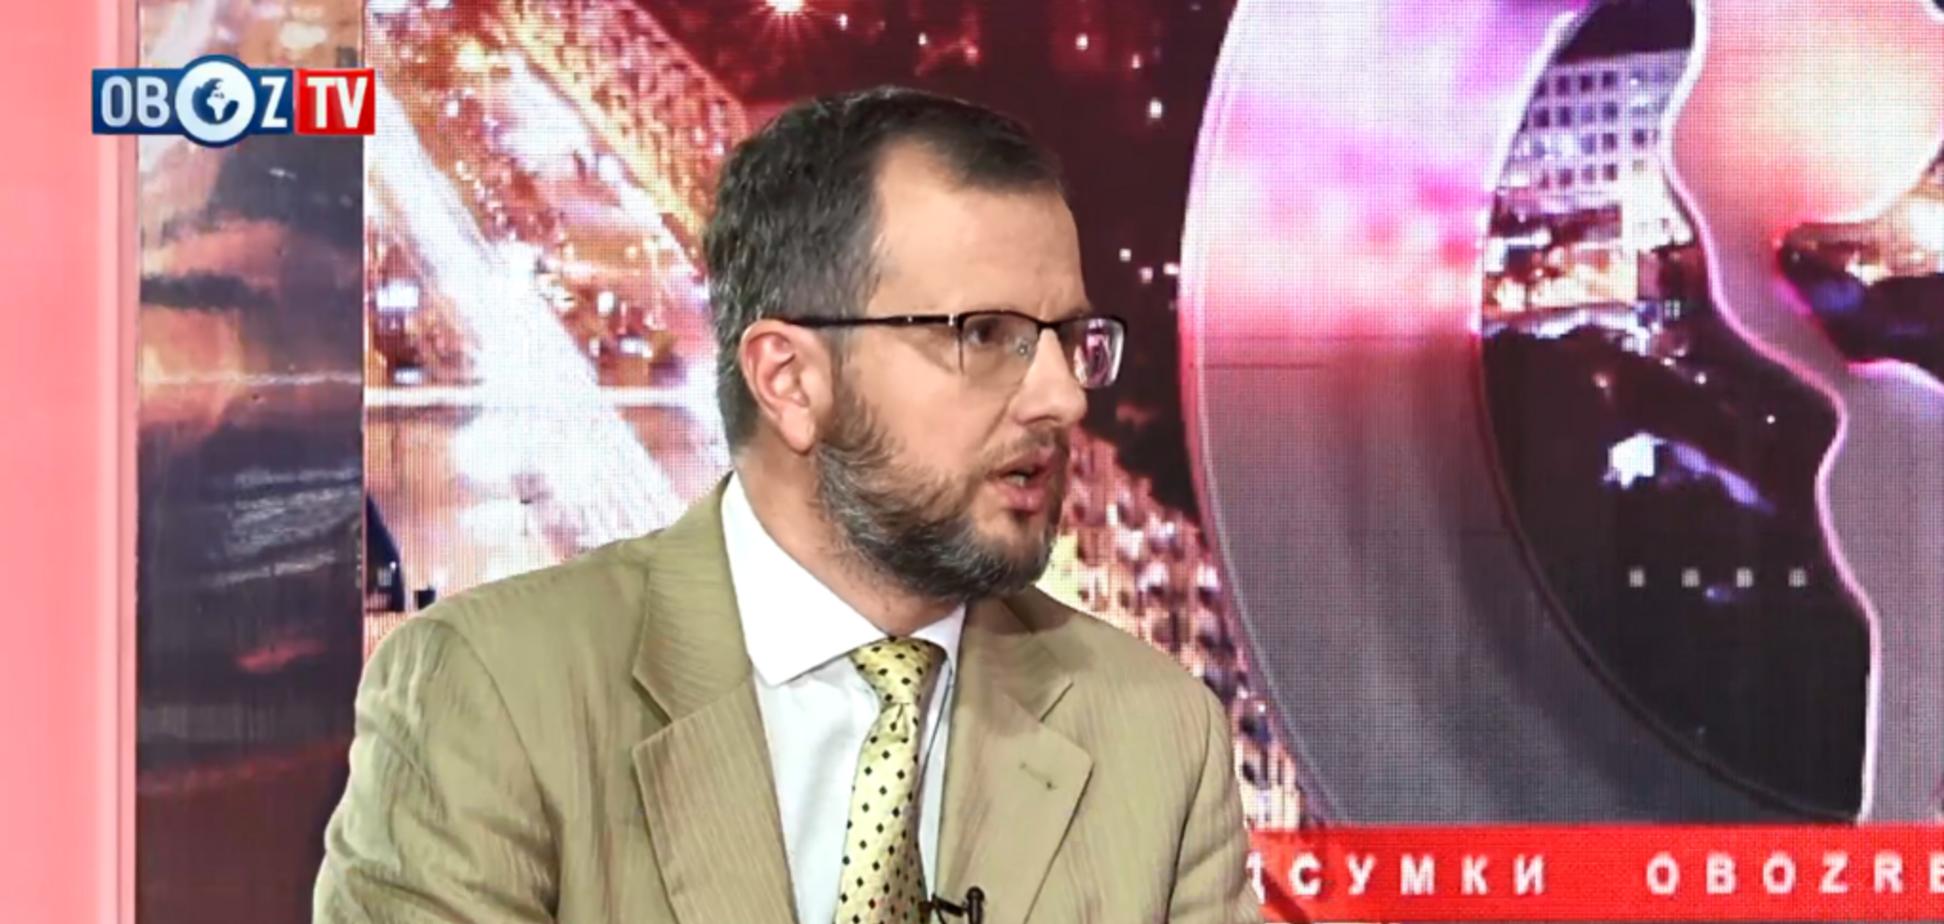 Що буде з доларом в Україні: економіст озвучив два сценарії